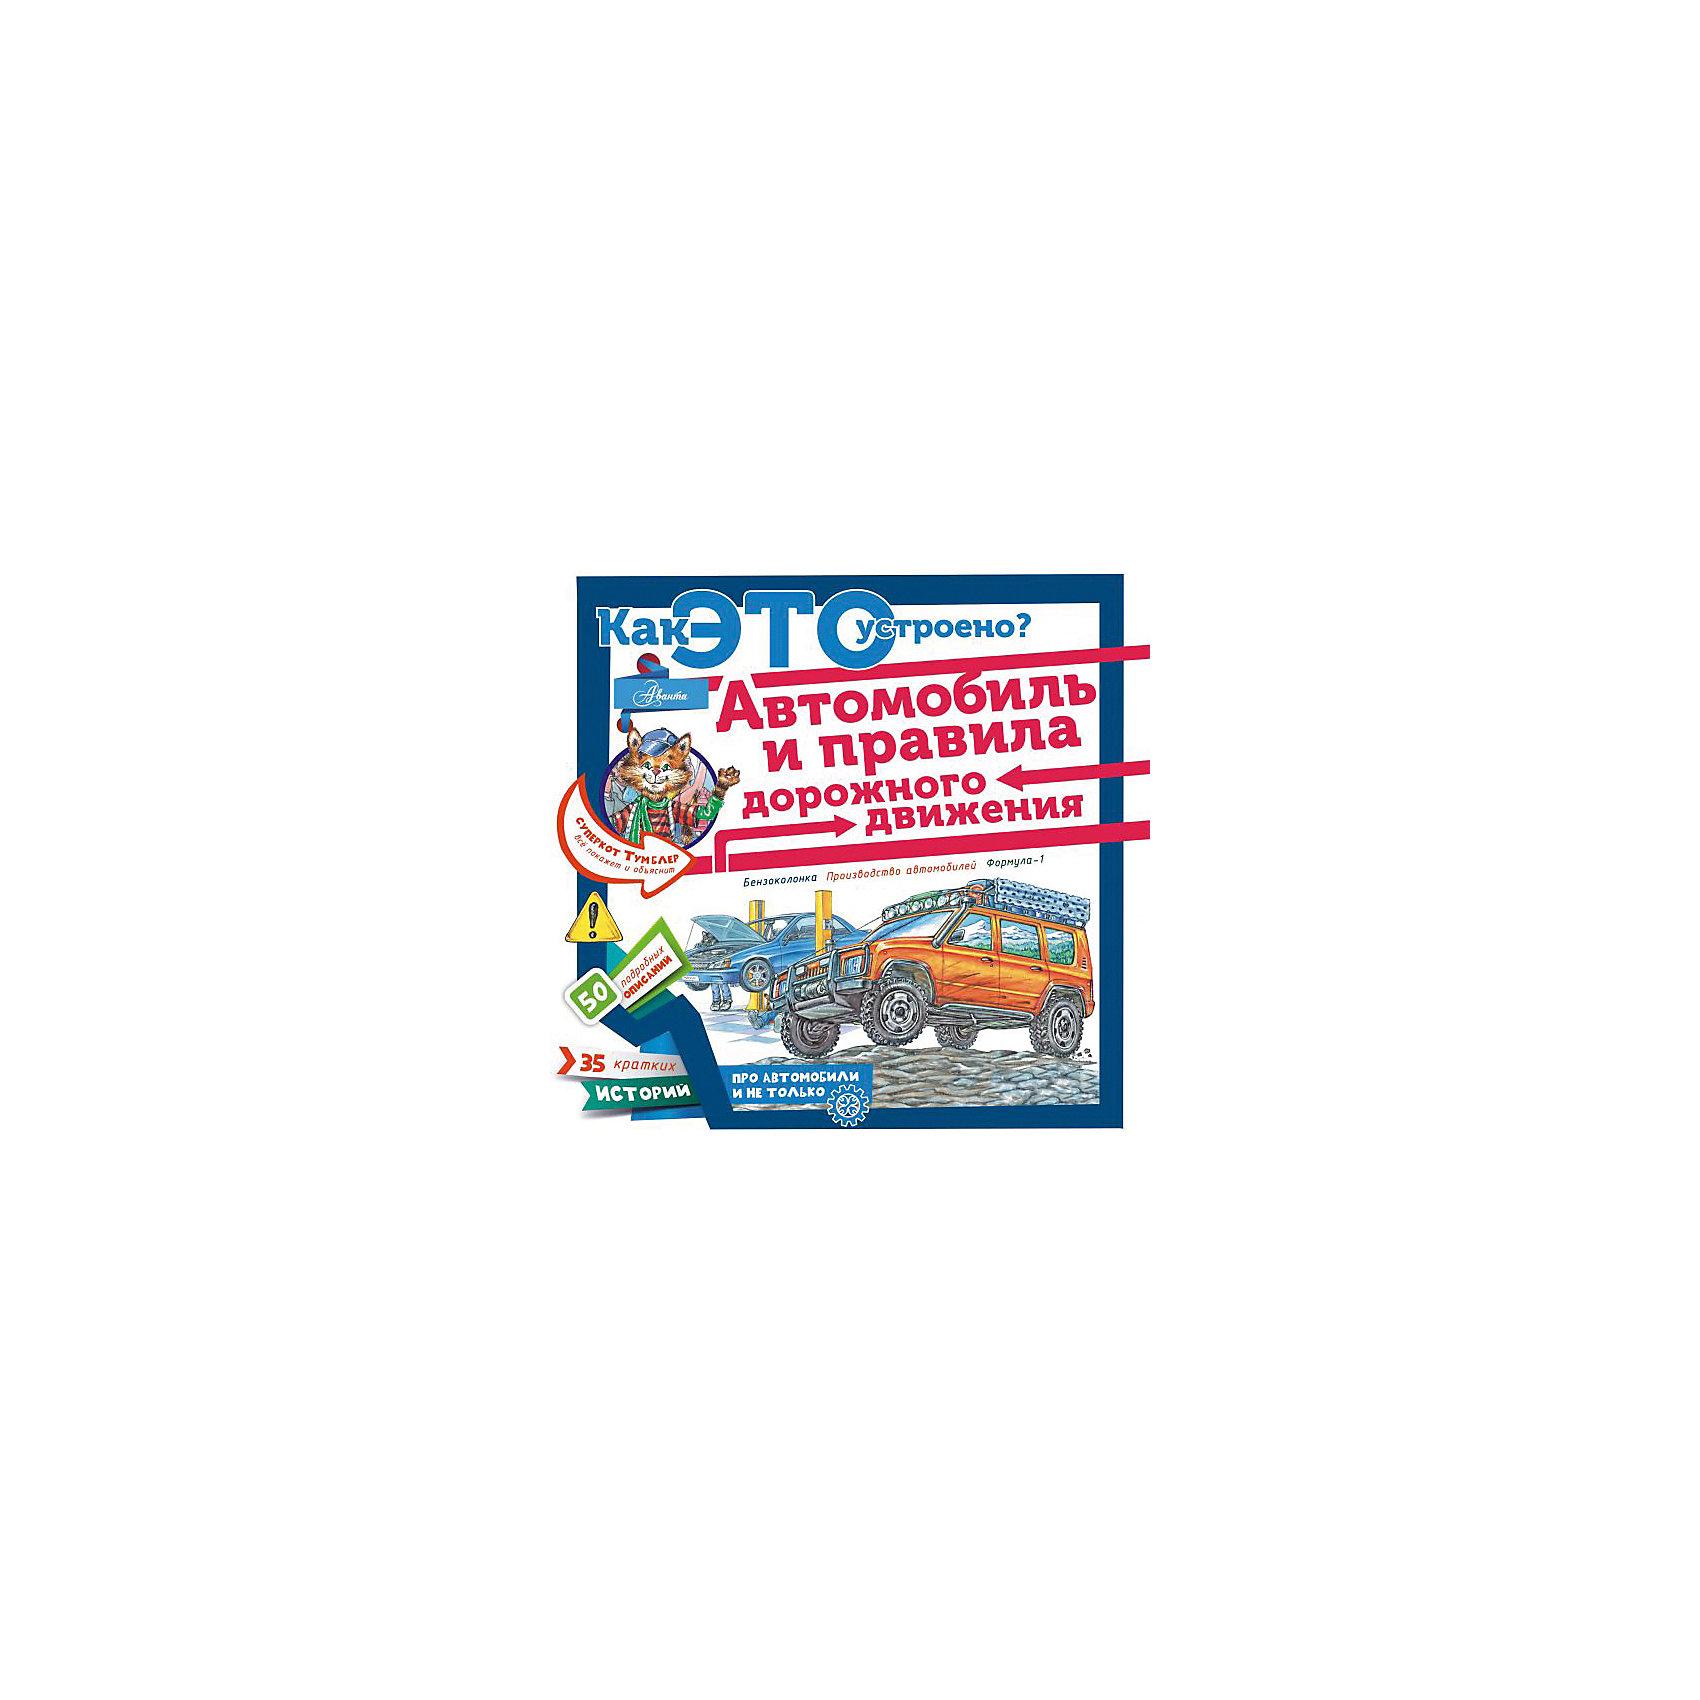 Автомобиль и правила дорожного движенияДетские энциклопедии<br>Характеристики товара:<br><br>• ISBN:9785170970490;<br>• возраст: от 7 лет;<br>• иллюстрации: цветные;<br>• обложка: мягкая с ламинацией;<br>• бумага: офсет;<br>• количество страниц: 48;<br>• формат:23х3х1 см.;<br>• вес: 185 гр.;<br>• автор: Малов В.И.;<br>• издательство:  АСТ;<br>• страна: Россия.<br><br>«Автомобиль и правила дорожного движения» -  книга расскажет не просто об устройстве автомобилей, но и обо всём, что связанно с ними: об автомобильном производстве, электромобиле и беспилотном автомобиле, устройстве бензоколонке, о том, как производят бензин, как устроены системы безопасности в машинах, спутниковая навигация, также о внедорожниках, тягачах, гоночных болидах Формулы-1 и многом-многом другом. Это будет увлекательное техническое путешествие в мир автомобилей и всего, что их окружает. <br><br>Текст книги написан интересным, а главное, понятным и доступным языком — специально для детей. Отличный выбор как для подарка, так и для собственного использования с целью обогащения кругозора.<br><br>«Автомобиль и правила дорожного движения», 48 стр., авт. Малов В.И.., Изд. АСТ  можно купить в нашем интернет-магазине.<br><br>Ширина мм: 230<br>Глубина мм: 230<br>Высота мм: 100<br>Вес г: 184<br>Возраст от месяцев: 84<br>Возраст до месяцев: 2147483647<br>Пол: Унисекс<br>Возраст: Детский<br>SKU: 6848343